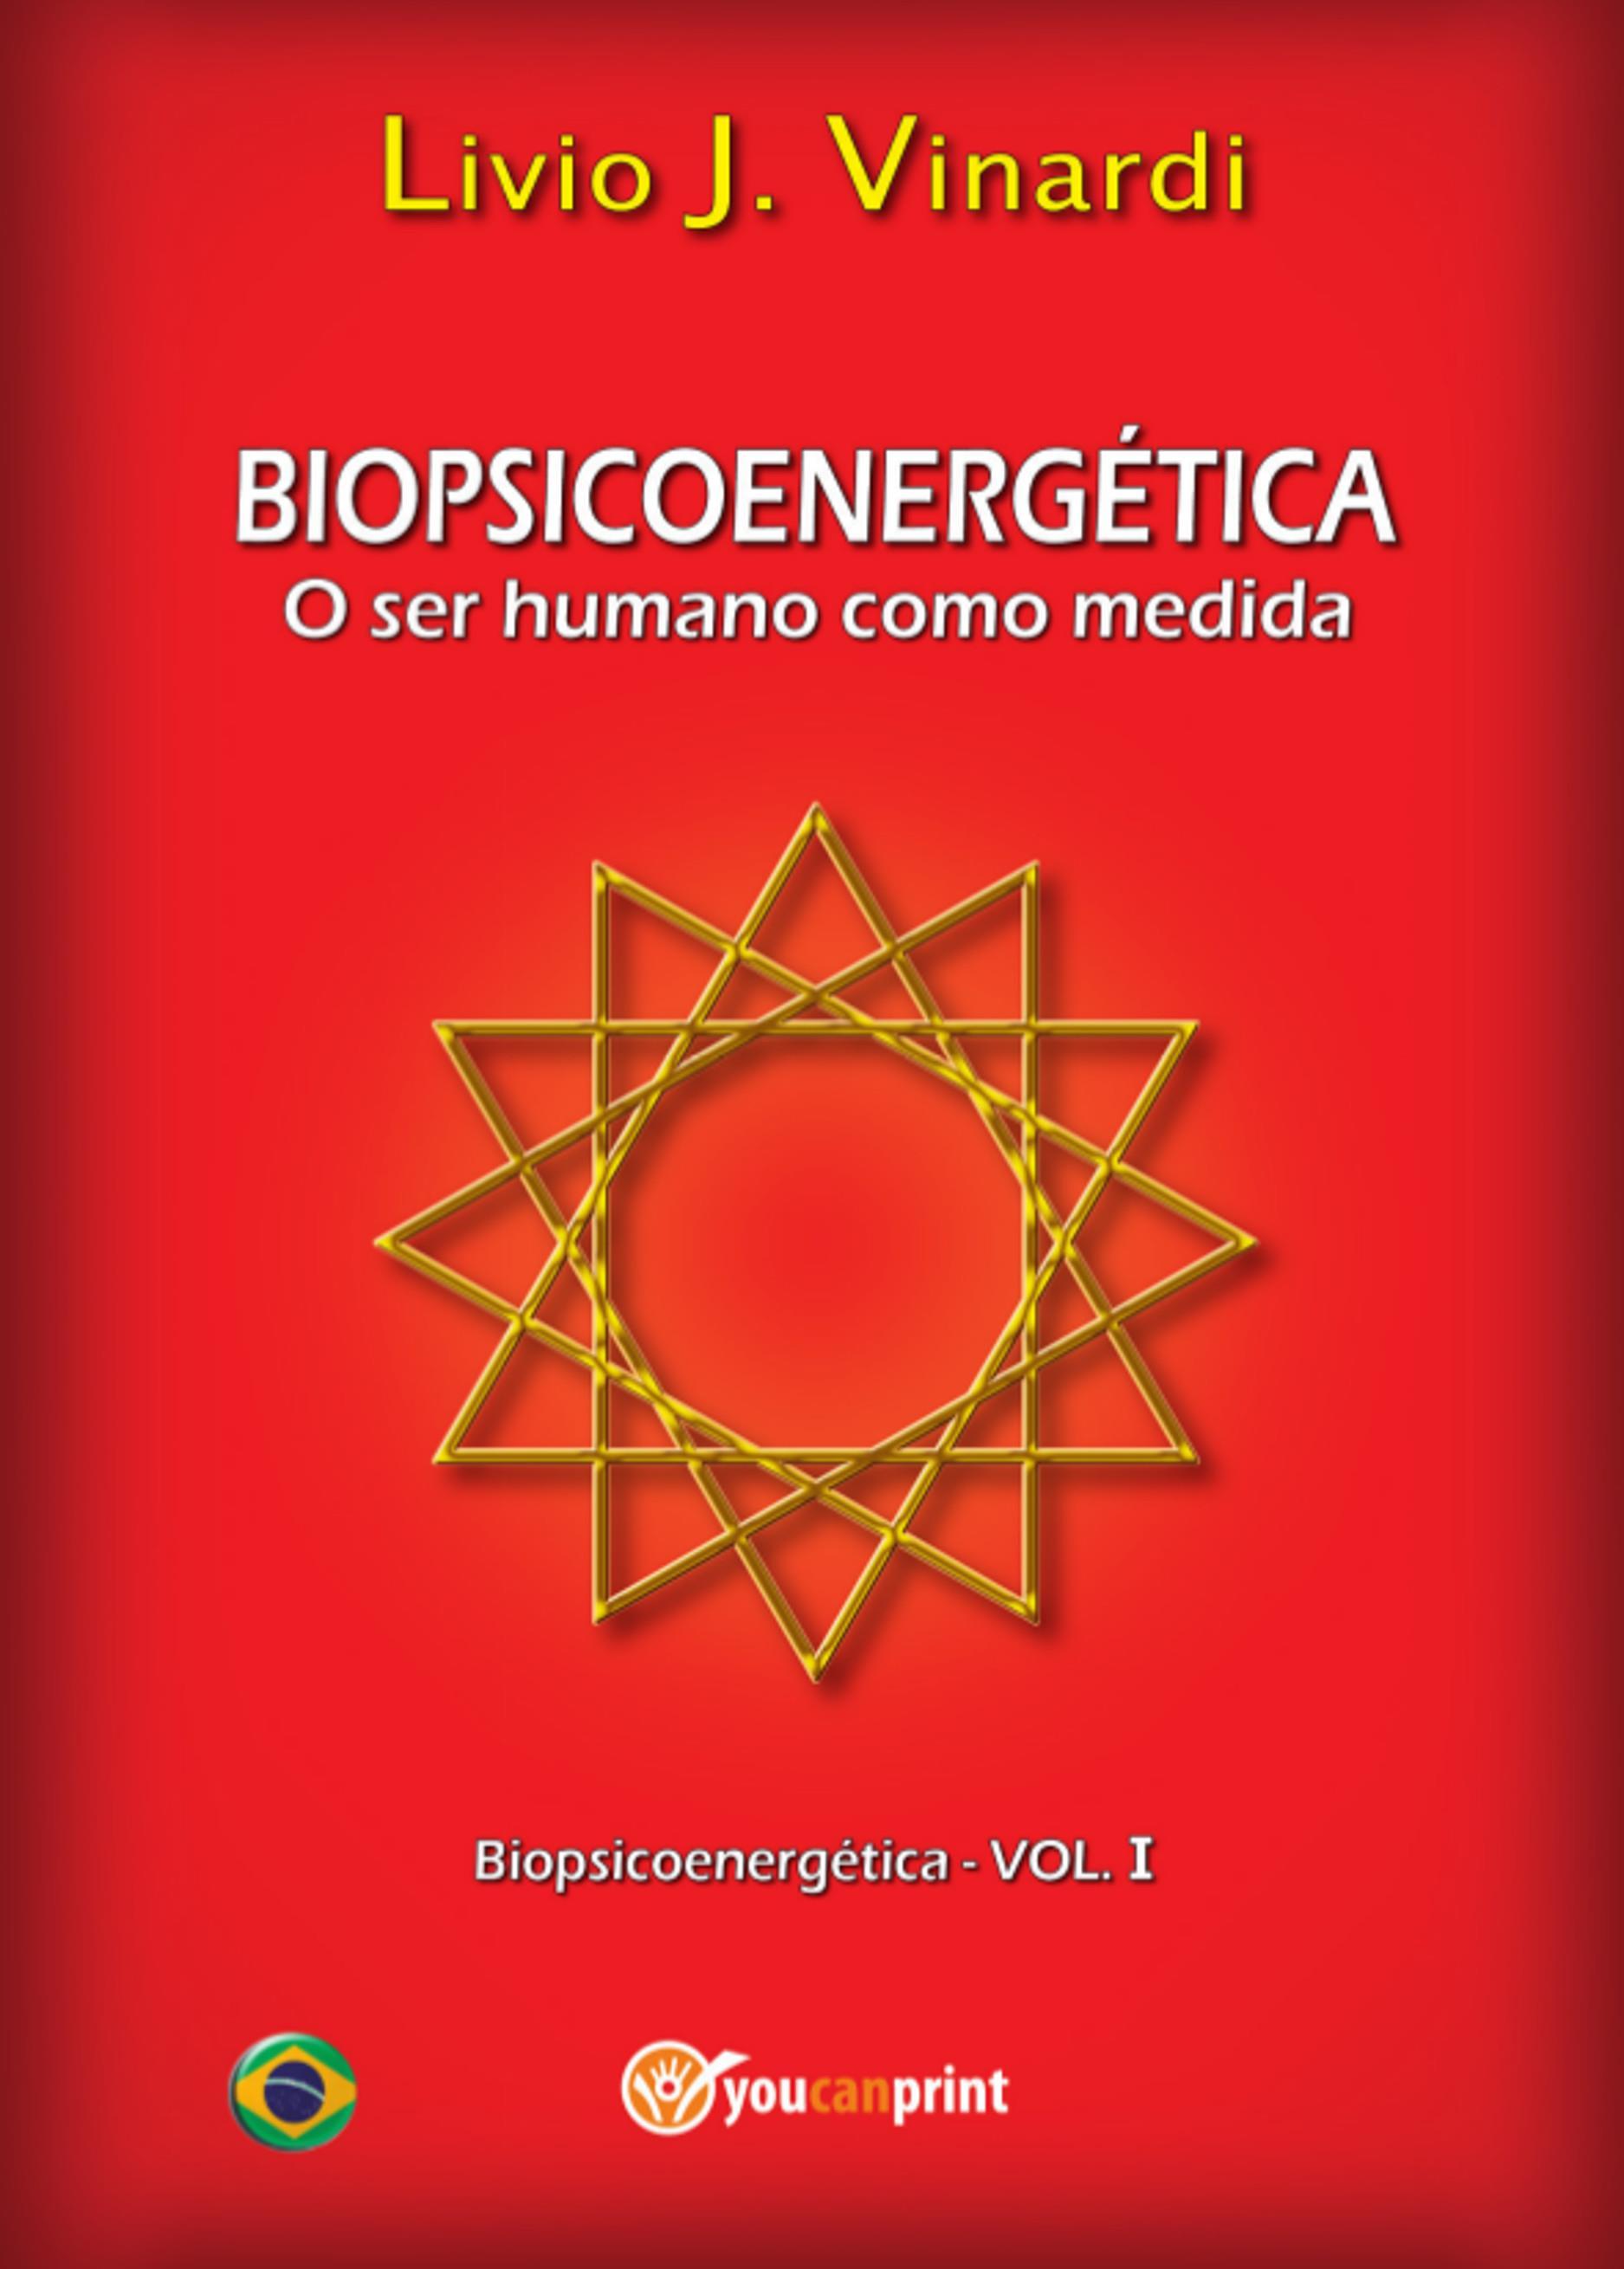 BIOPSICOENERGÉTICA - O ser humano como medida EM PORTUGUÊS